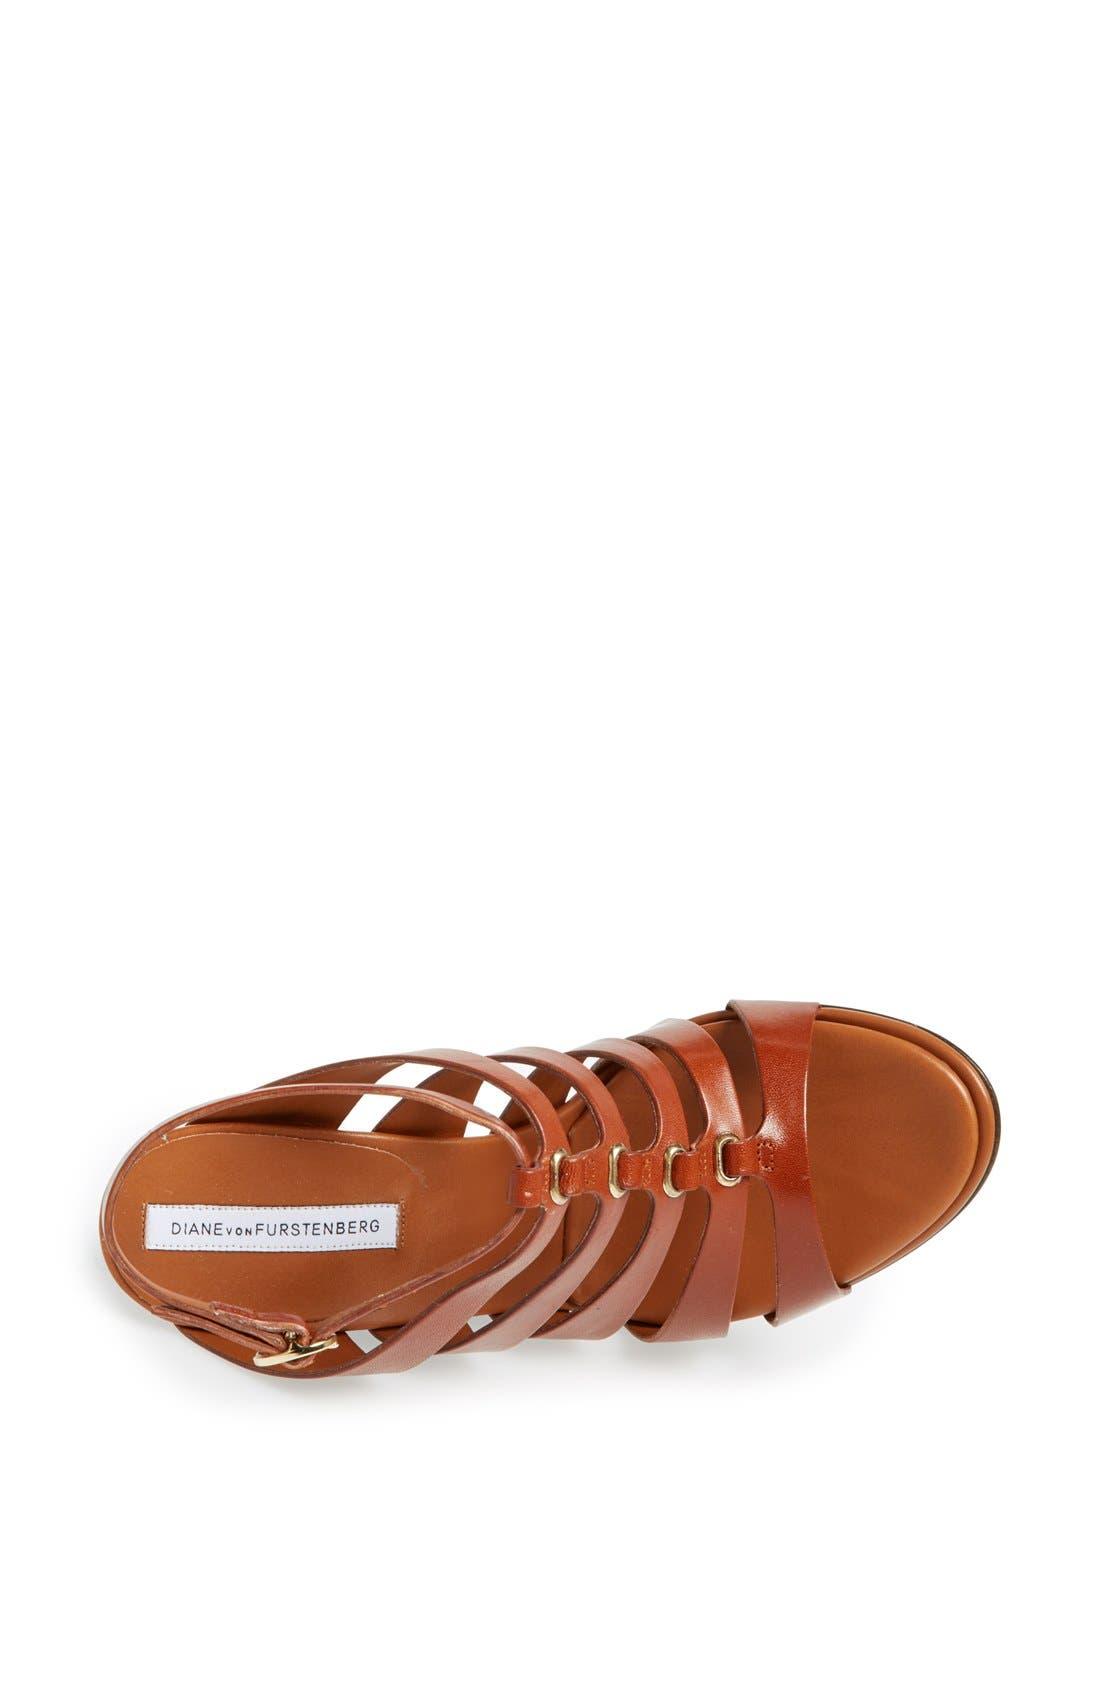 Alternate Image 3  - Diane von Furstenberg 'Wave' Wedge Sandal